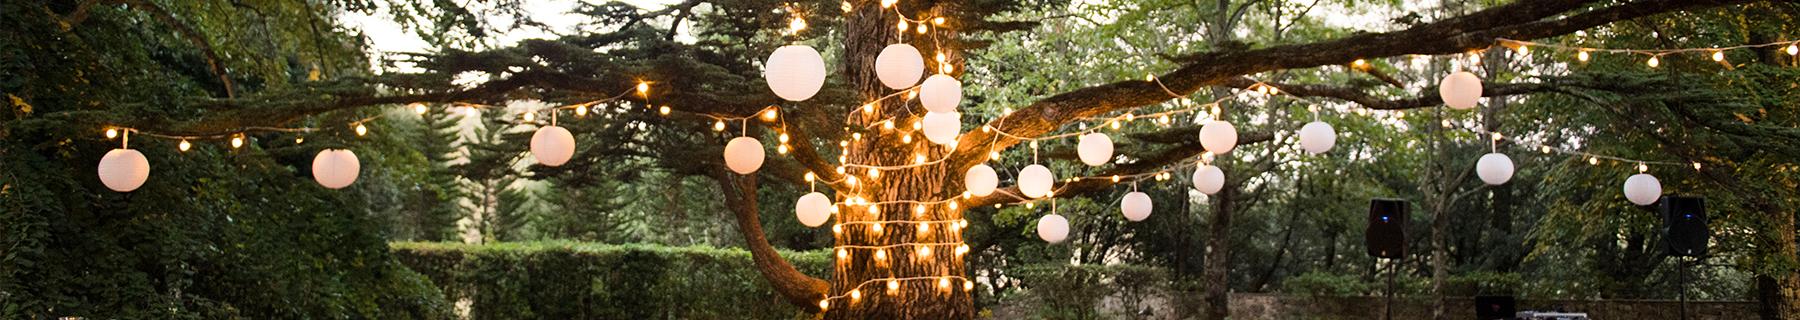 Verrassend De mooiste & hipste bruiloft decoratie | Weddingdeco.nl VF-45